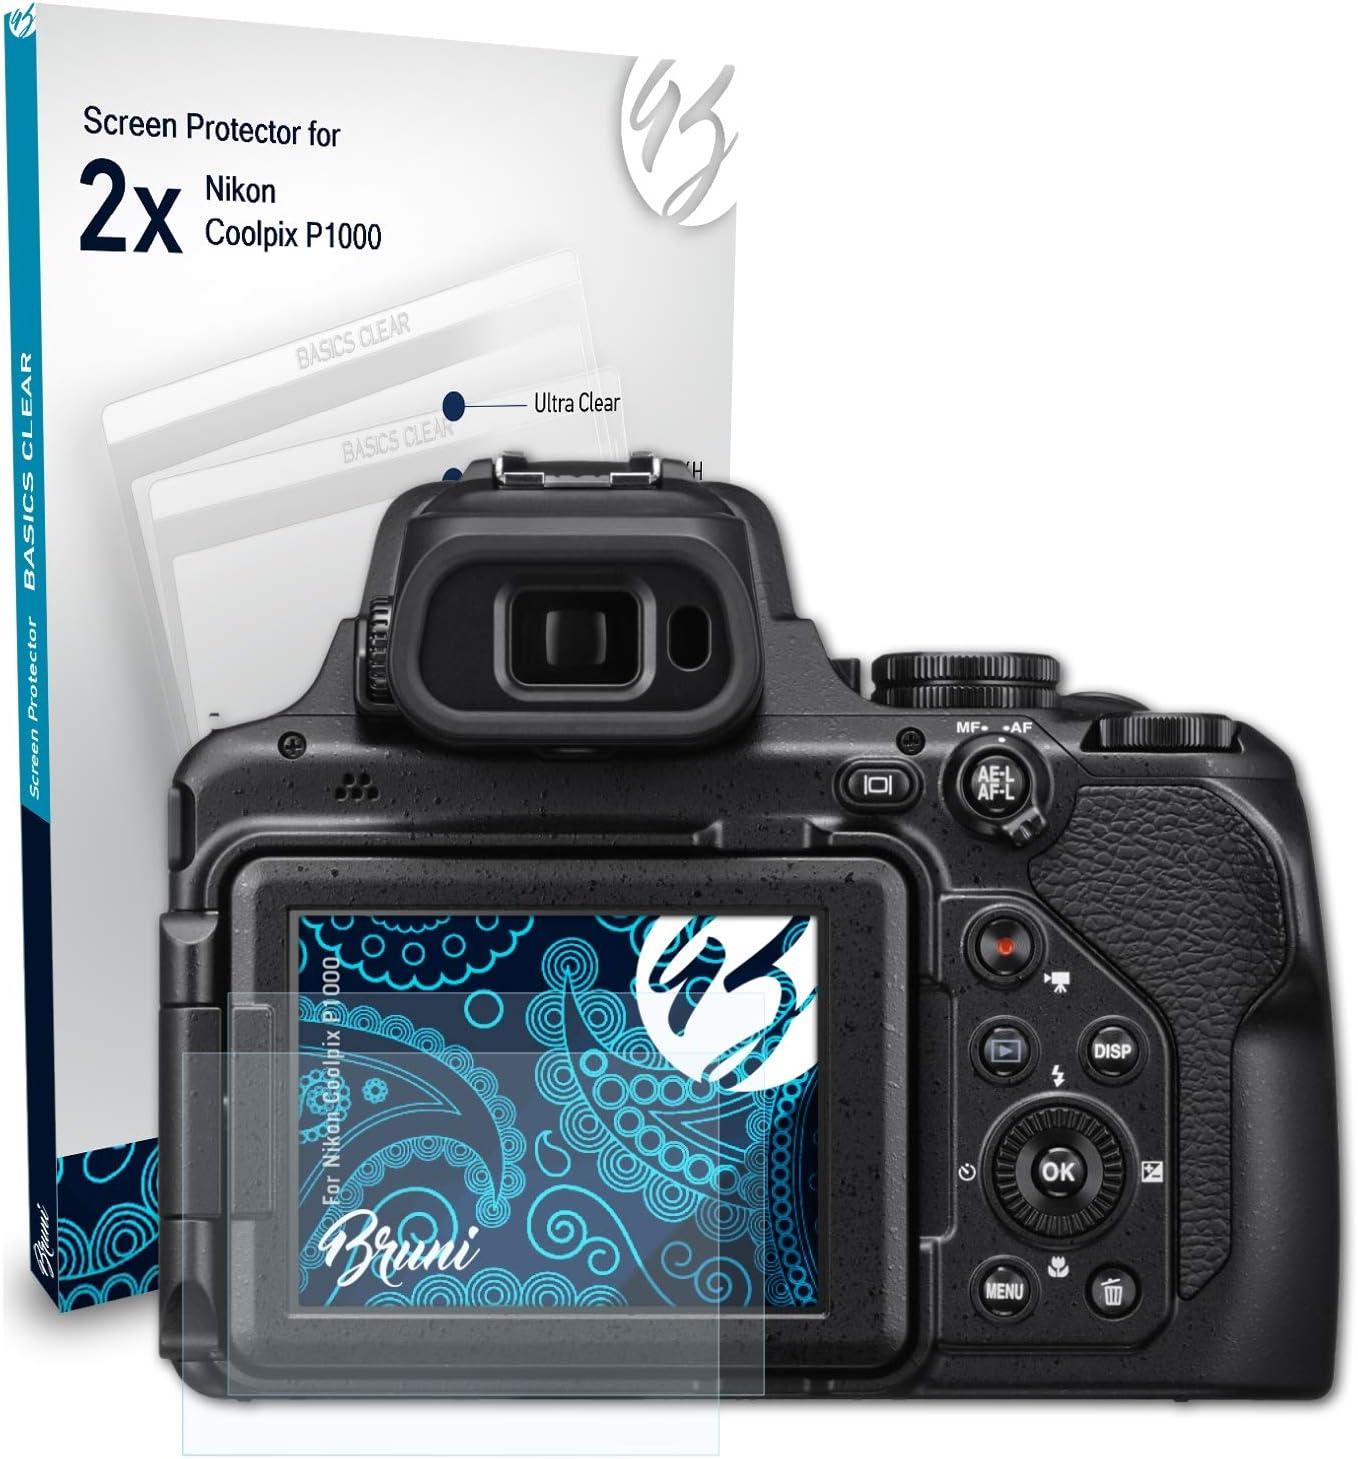 Bruni Schutzfolie Kompatibel Mit Nikon Coolpix P1000 Kamera